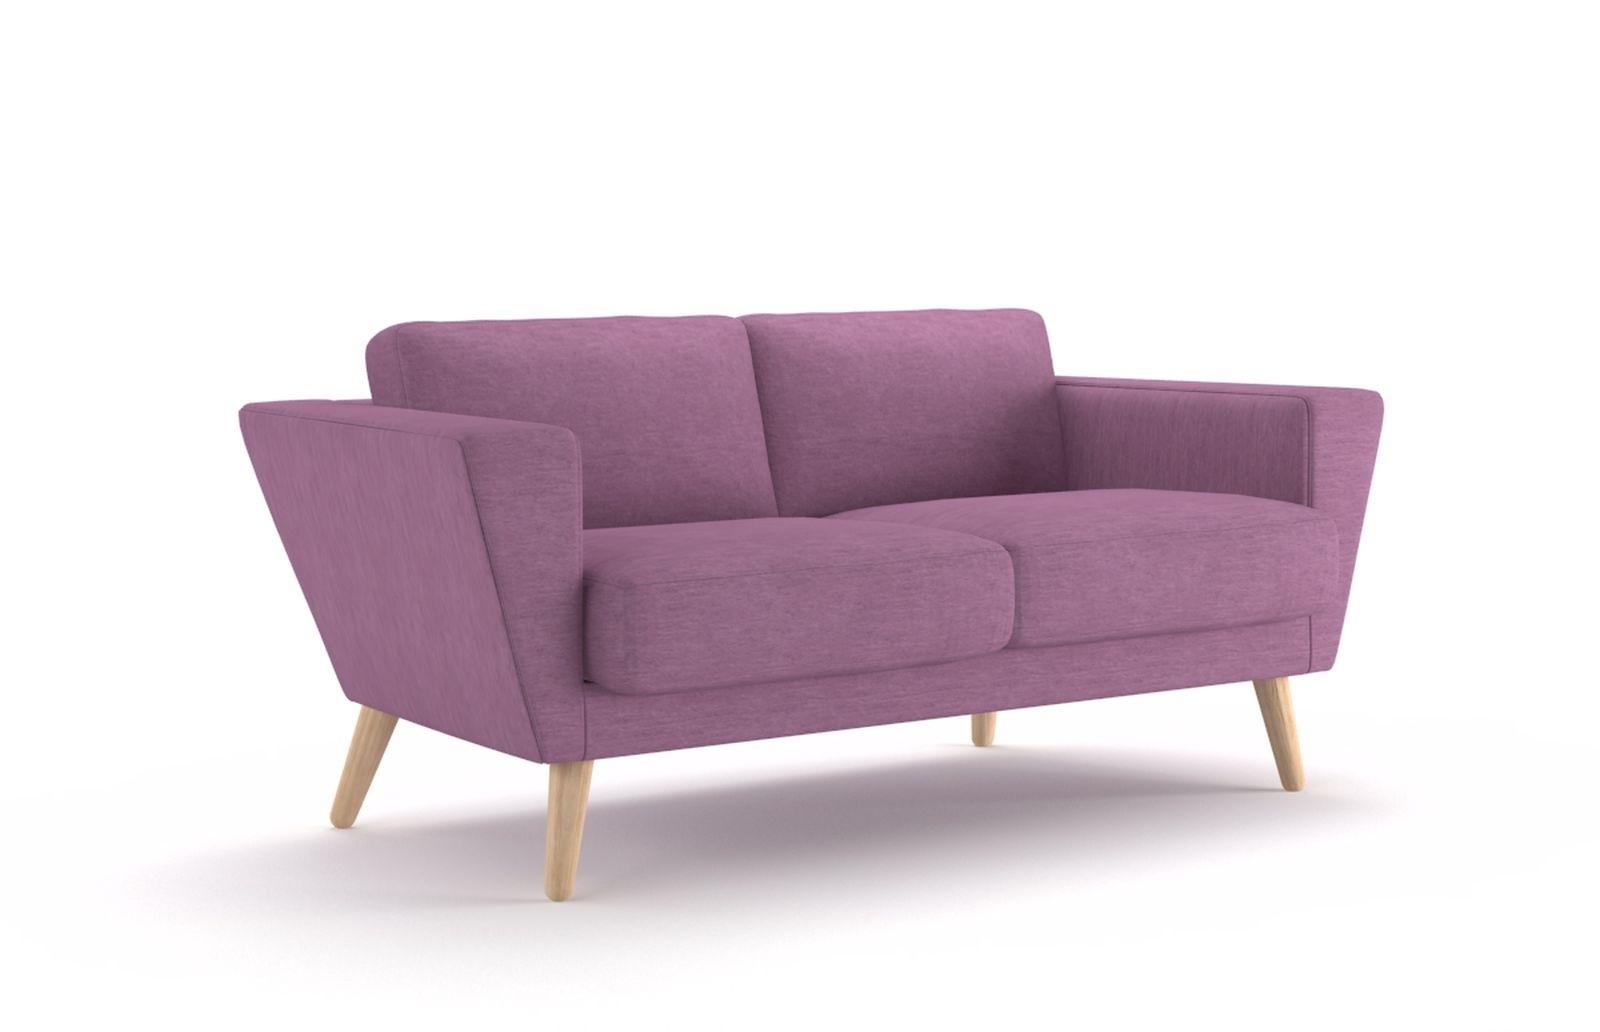 Sofa Atla 150cm fioletowa jasna - zdjęcie nr 0